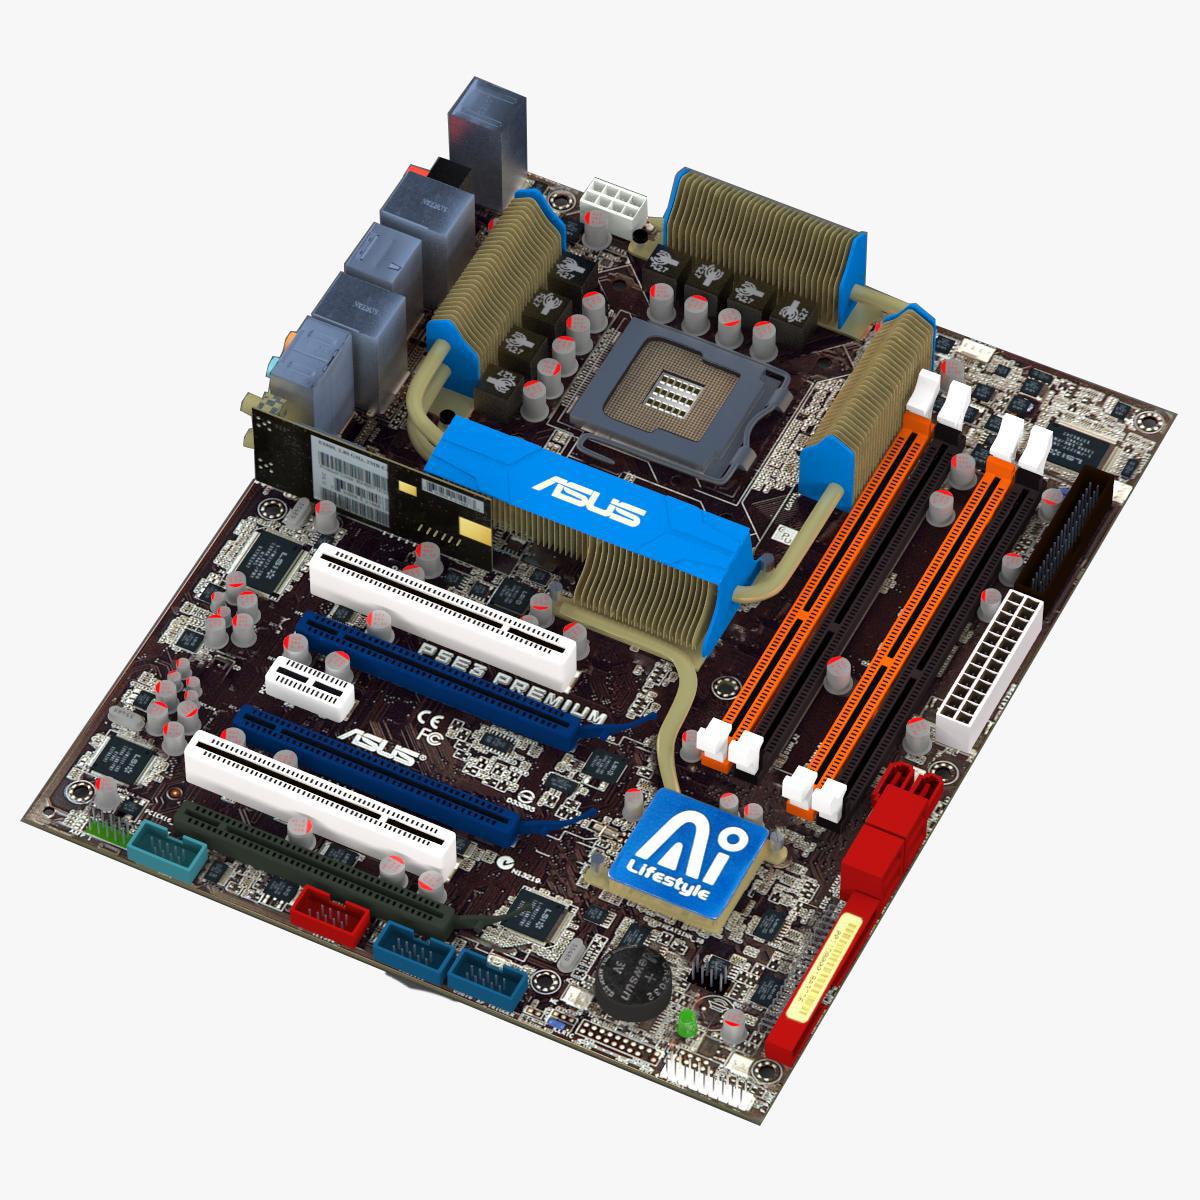 Motherboard_Asus_P5E3_Premium_247.jpg